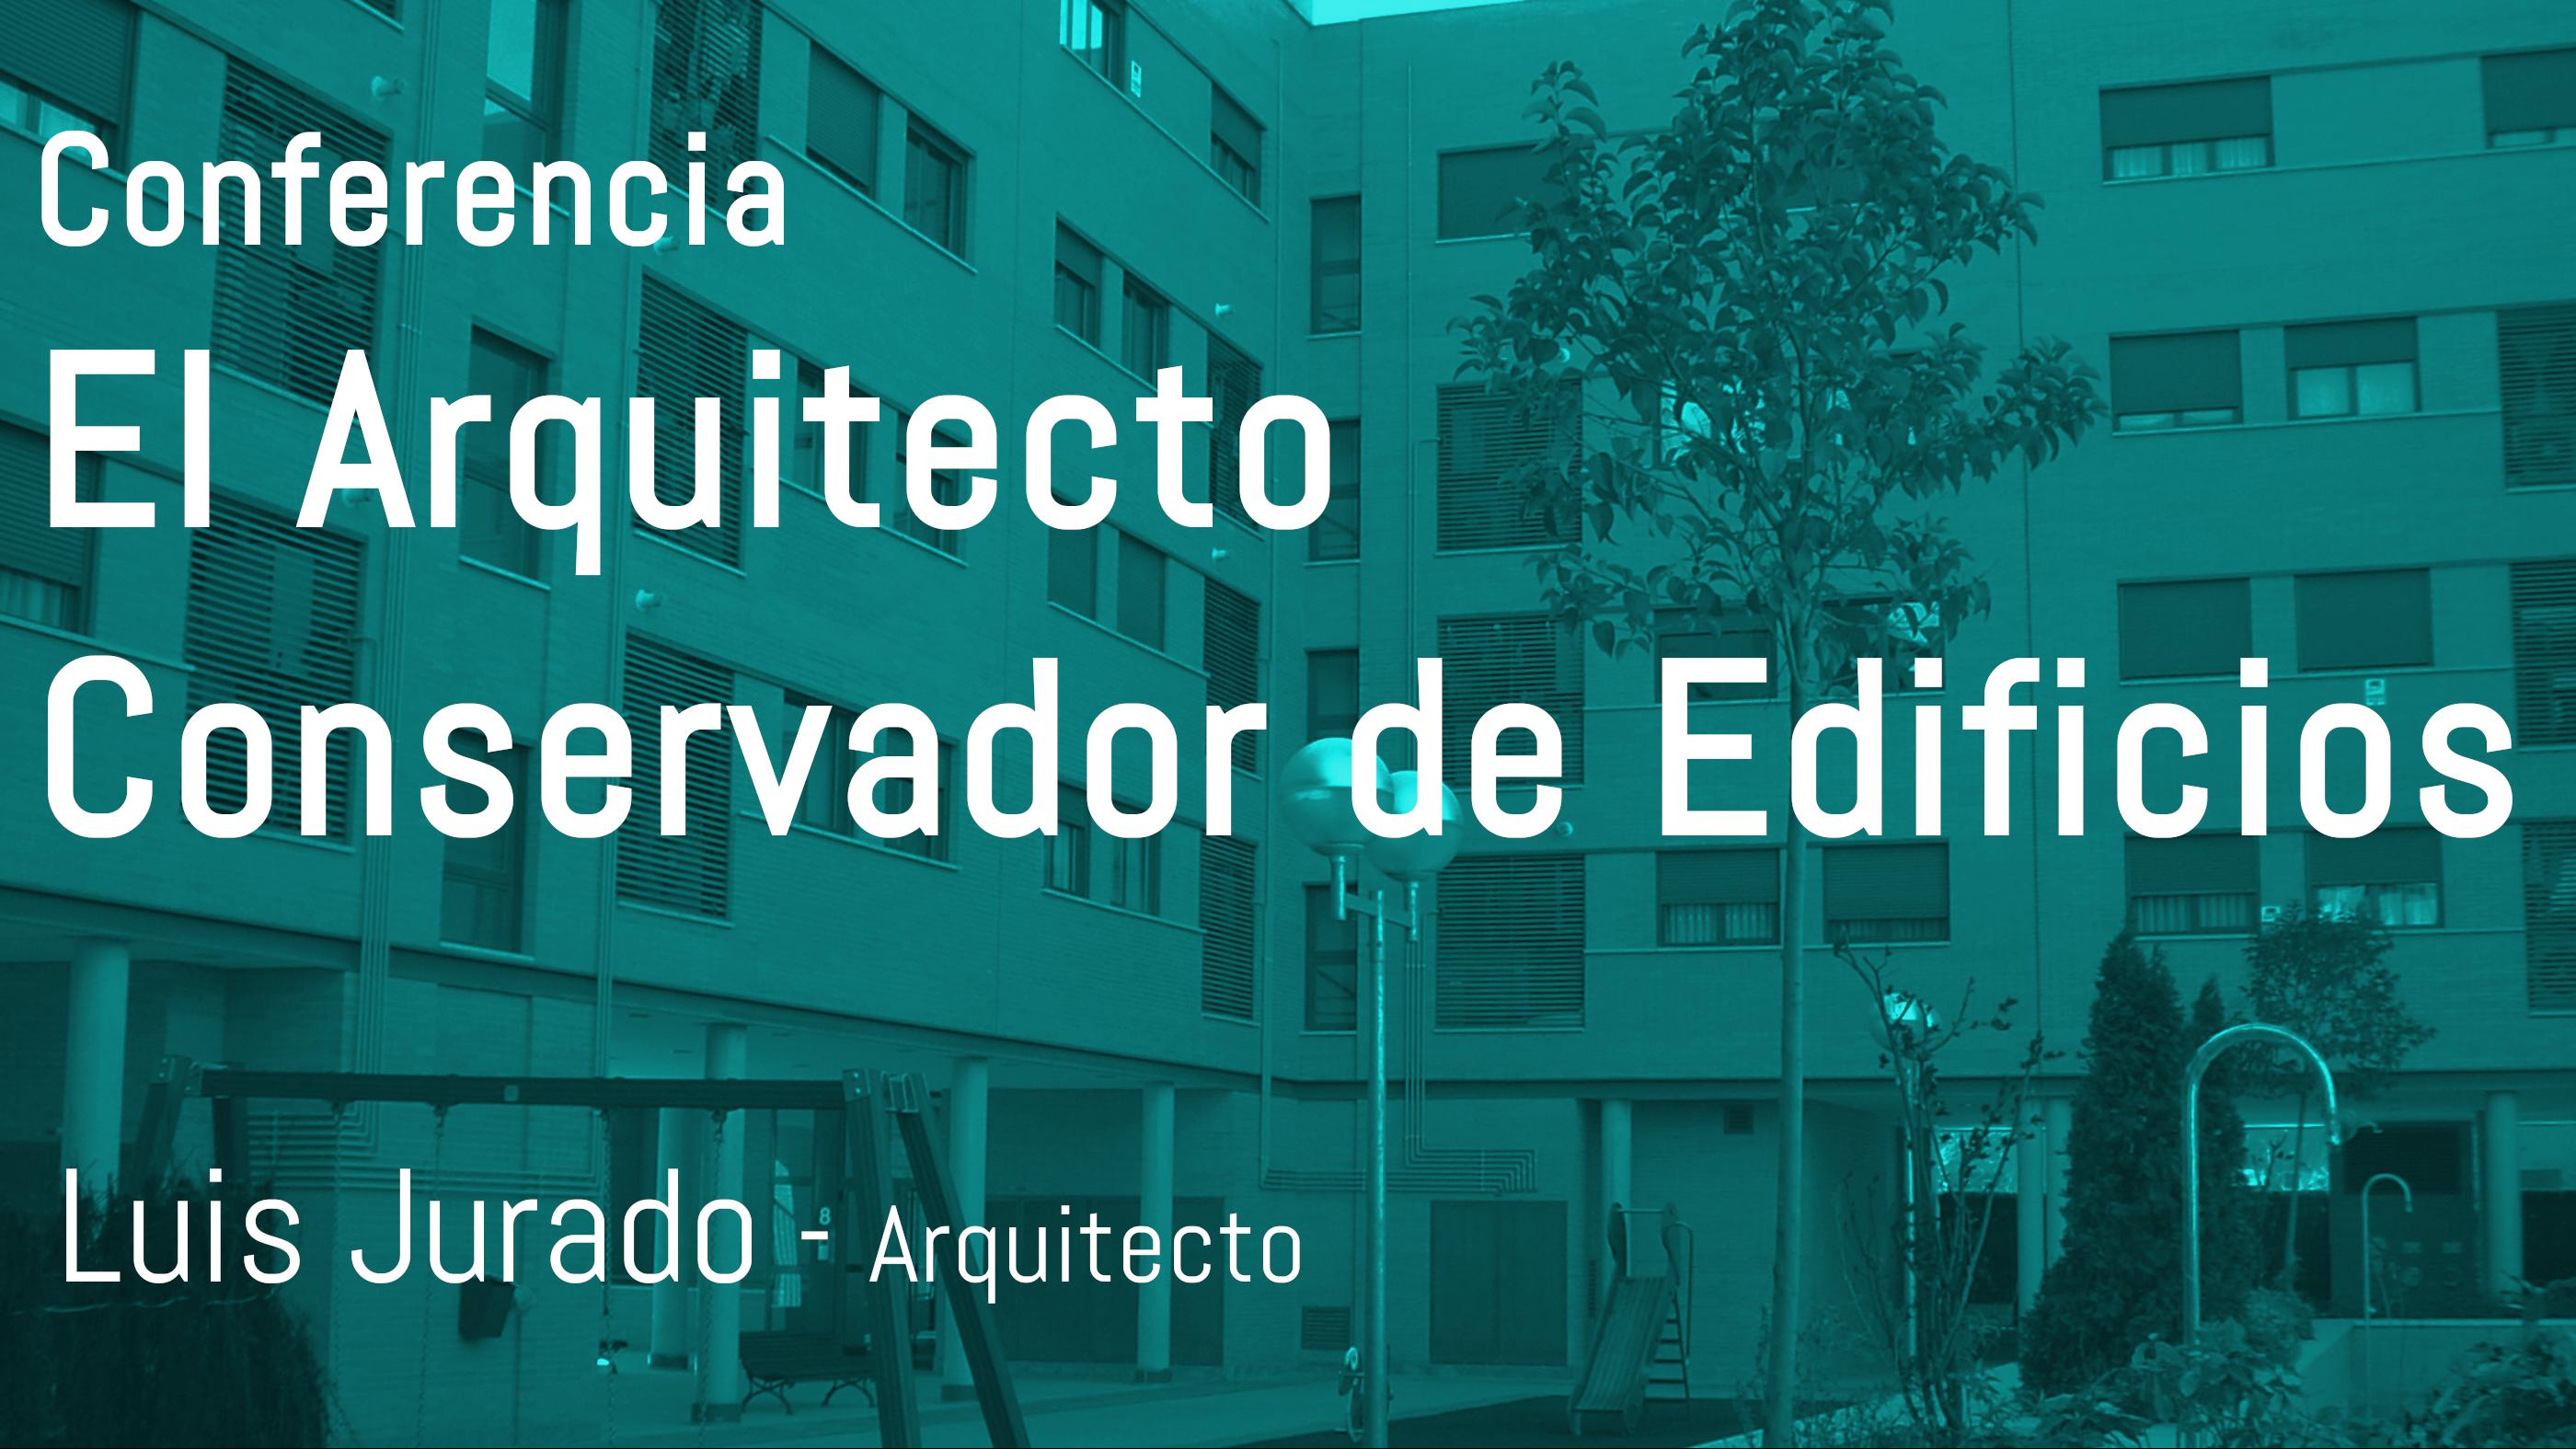 Conferencia: El Arquitecto Conservador de Edificios